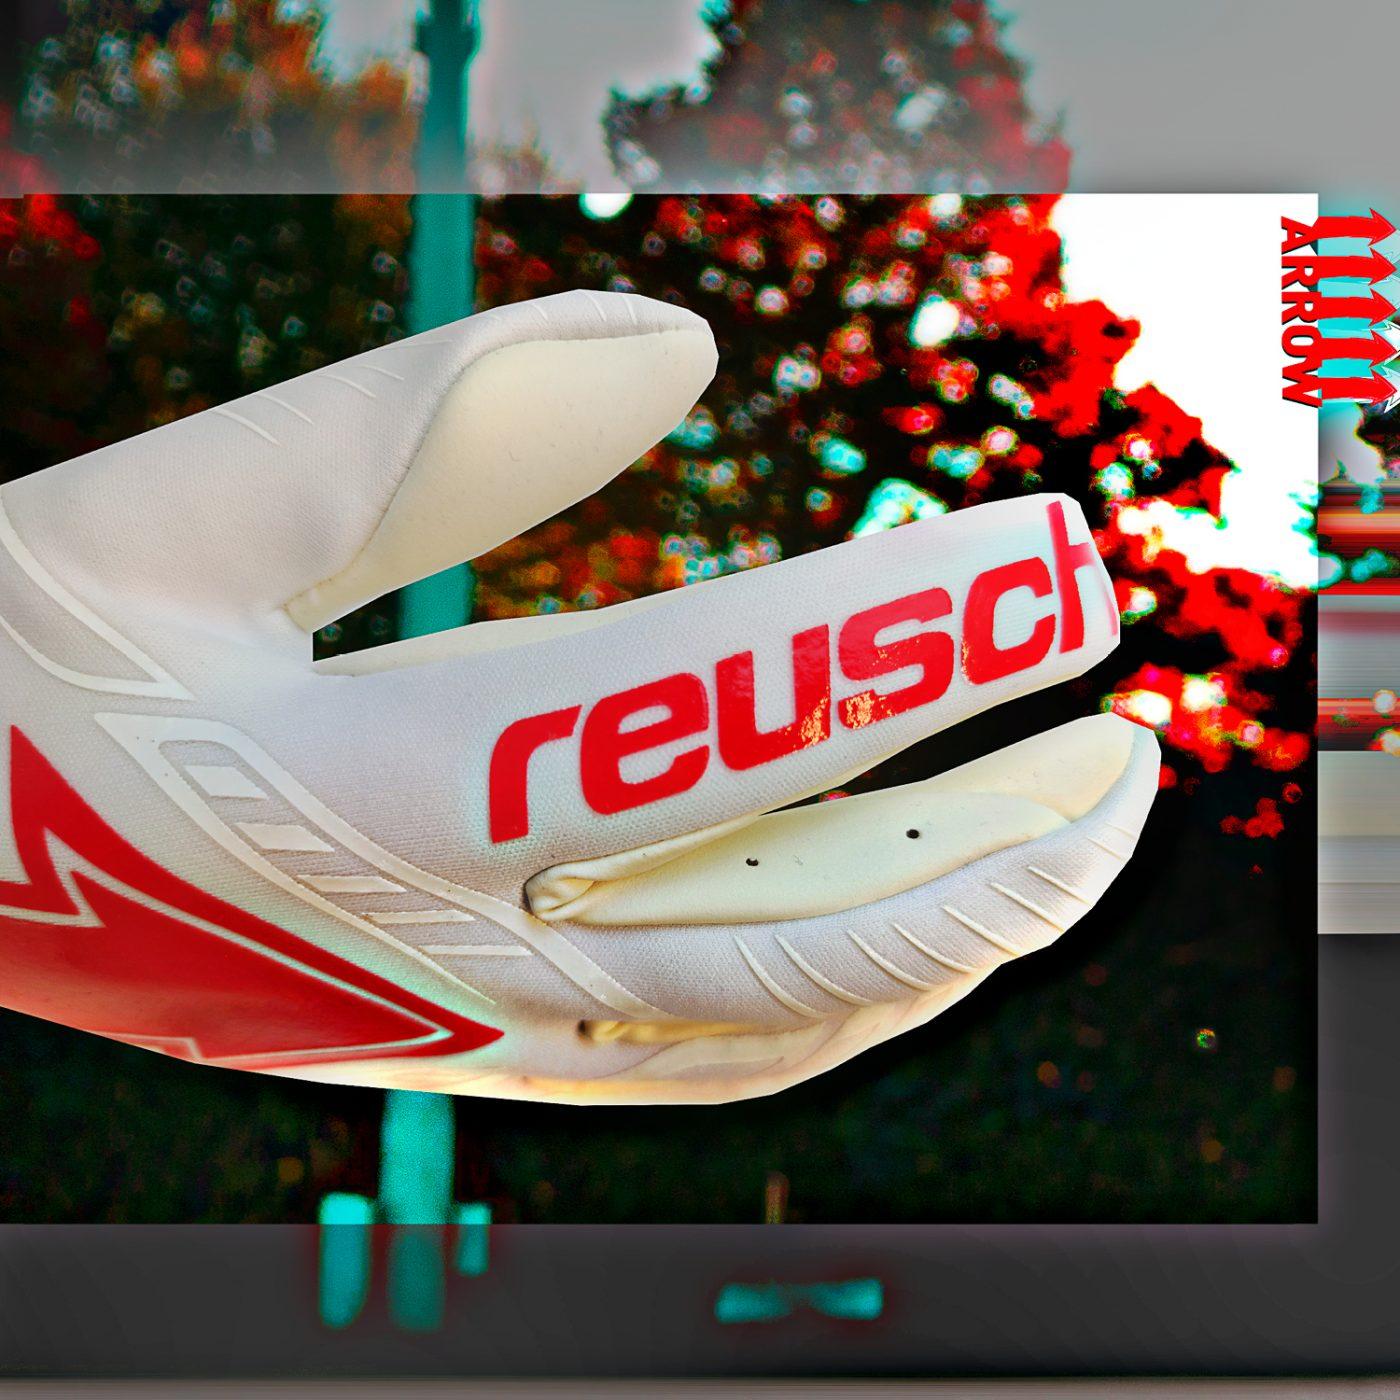 Reusch-Arrow-Gold-X-gant-handanovic-7